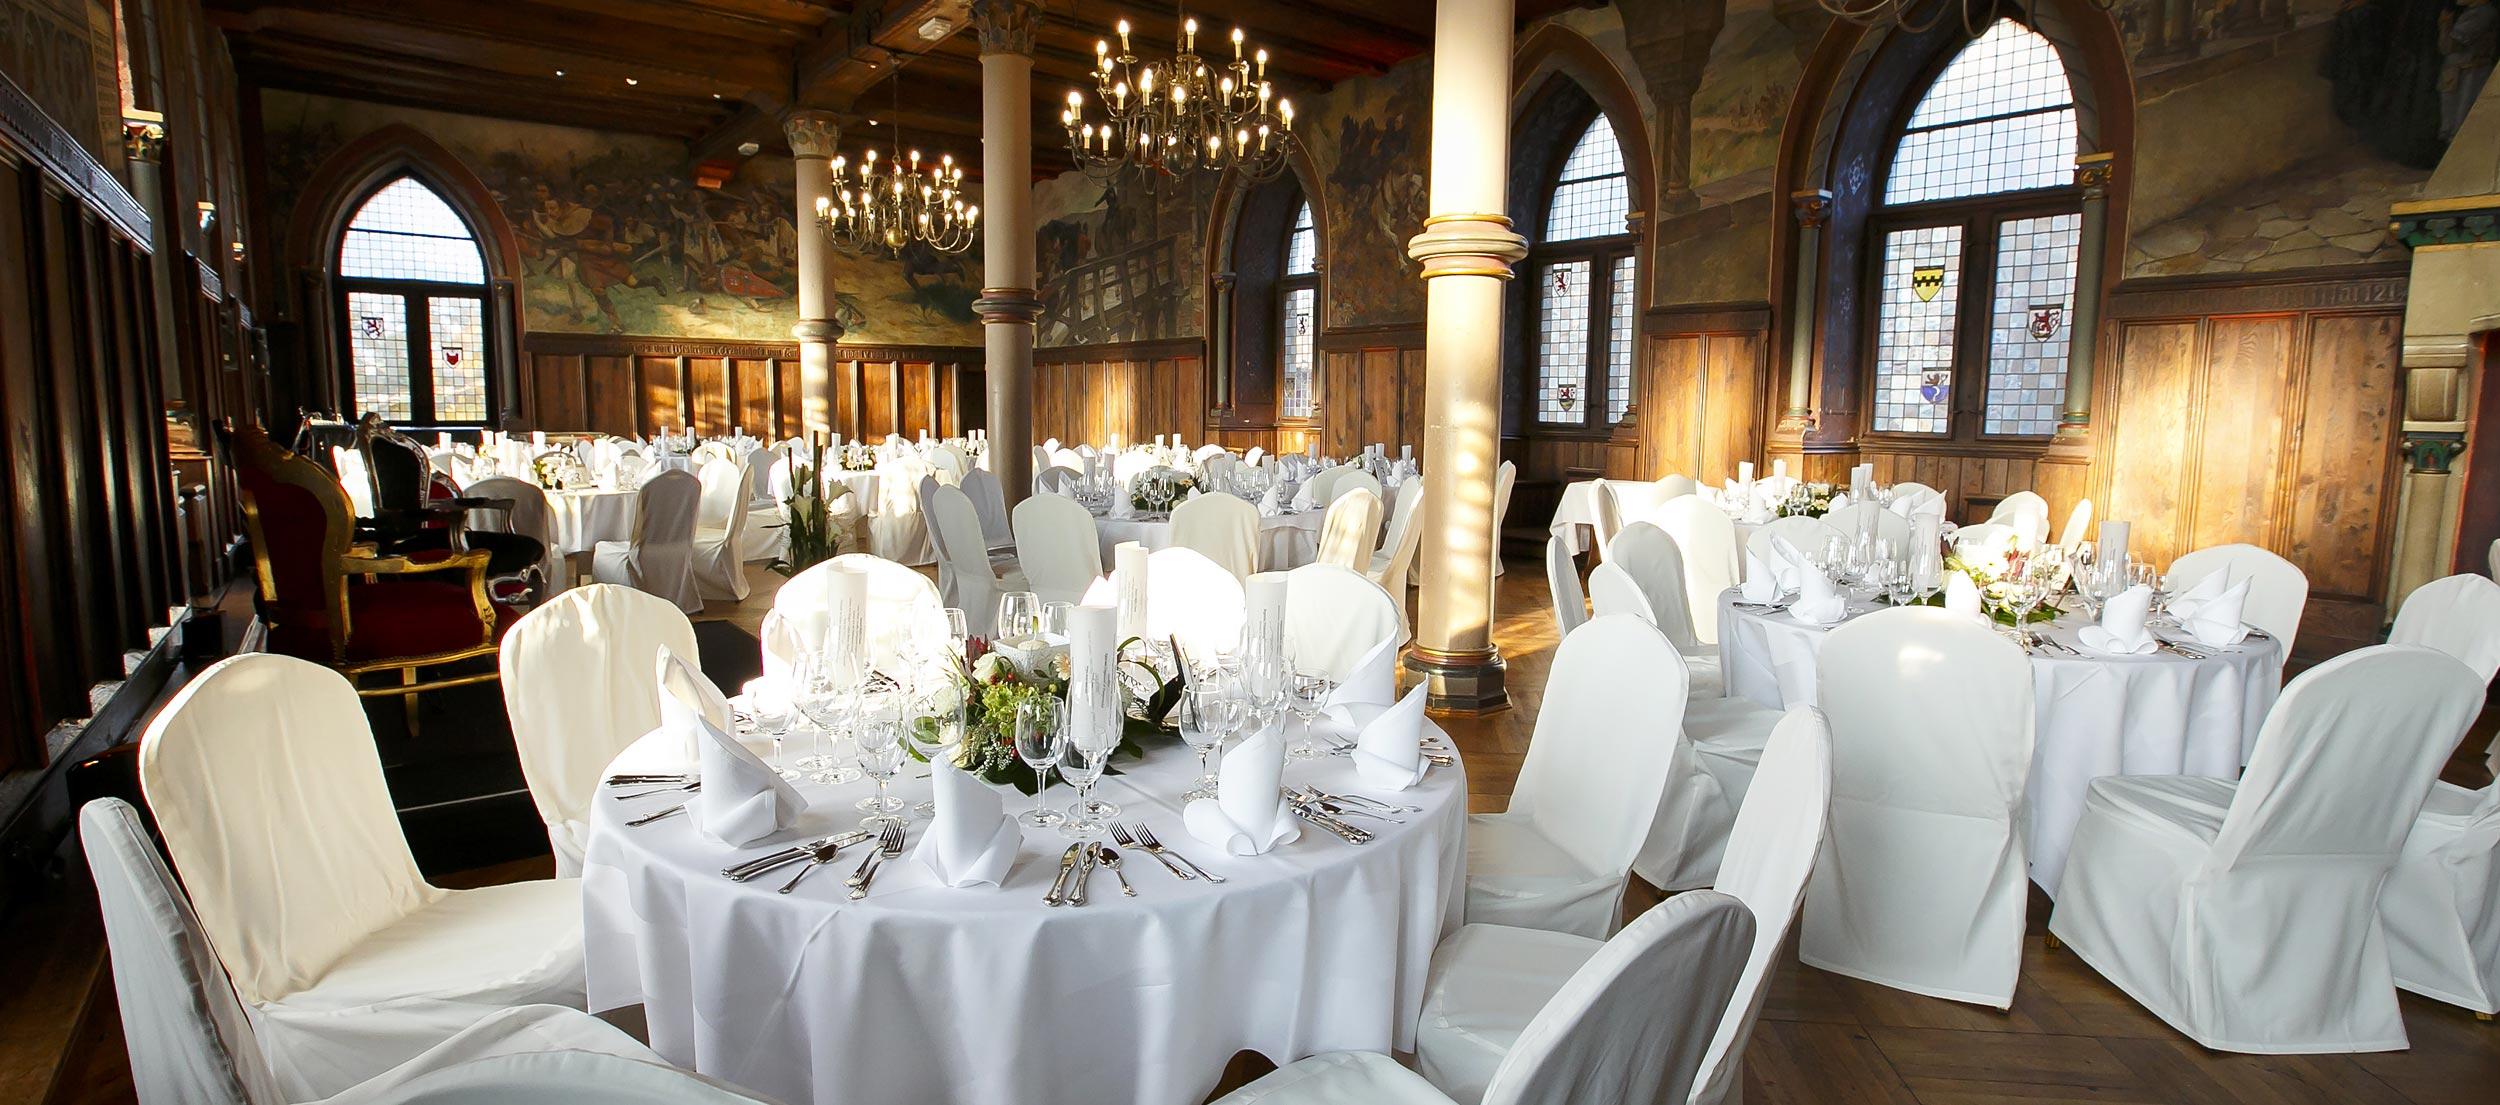 Der festlich dekorierte Rittersaal auf Schloss Burg.